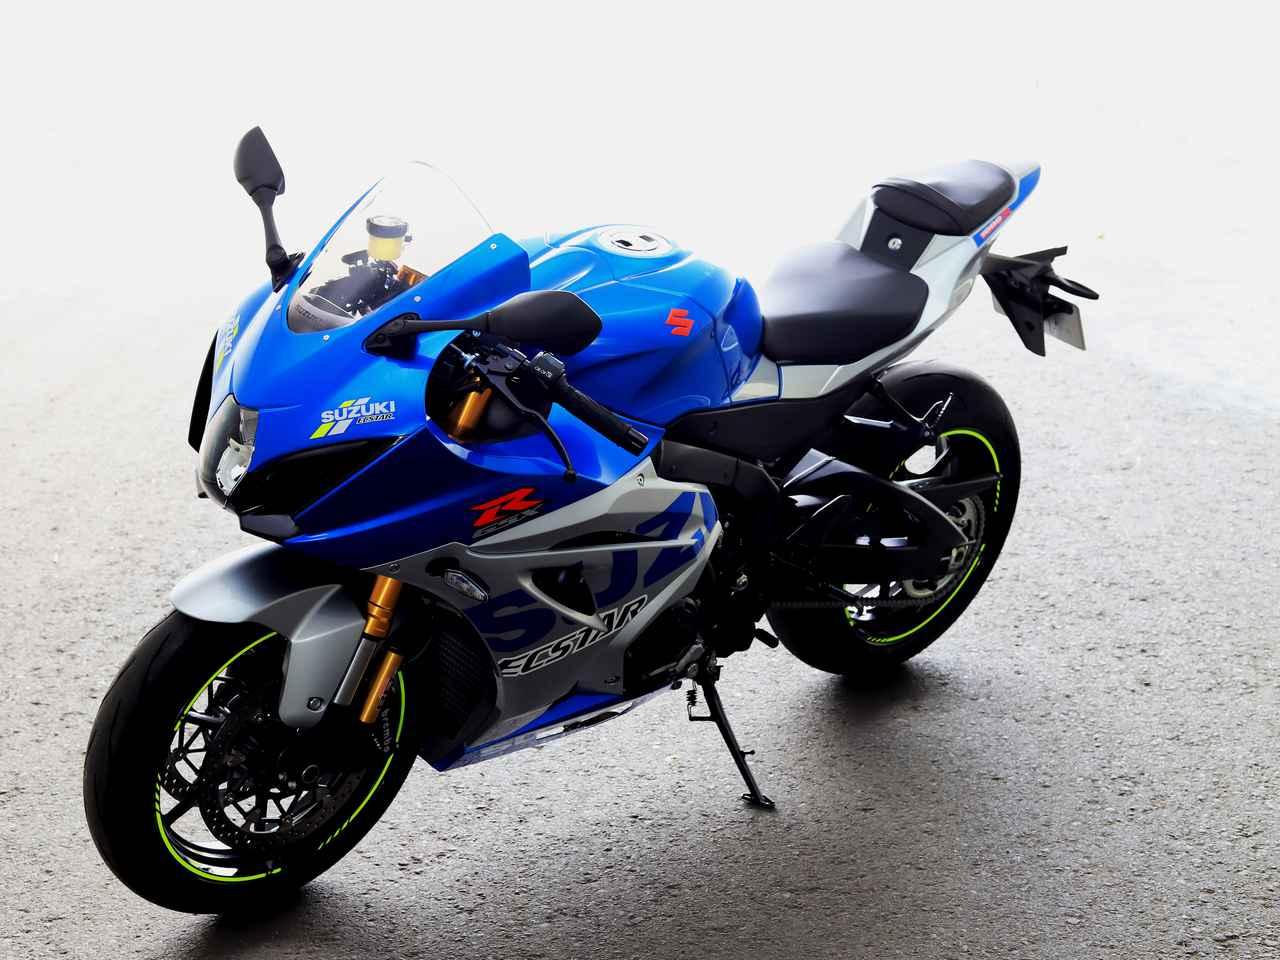 《解説編》スズキでいちばん高級&最強! スーパースポーツ『GSX-R1000R』ってどんなバイク?【SUZUKI GSX-R1000R 試乗インプレ まとめ】